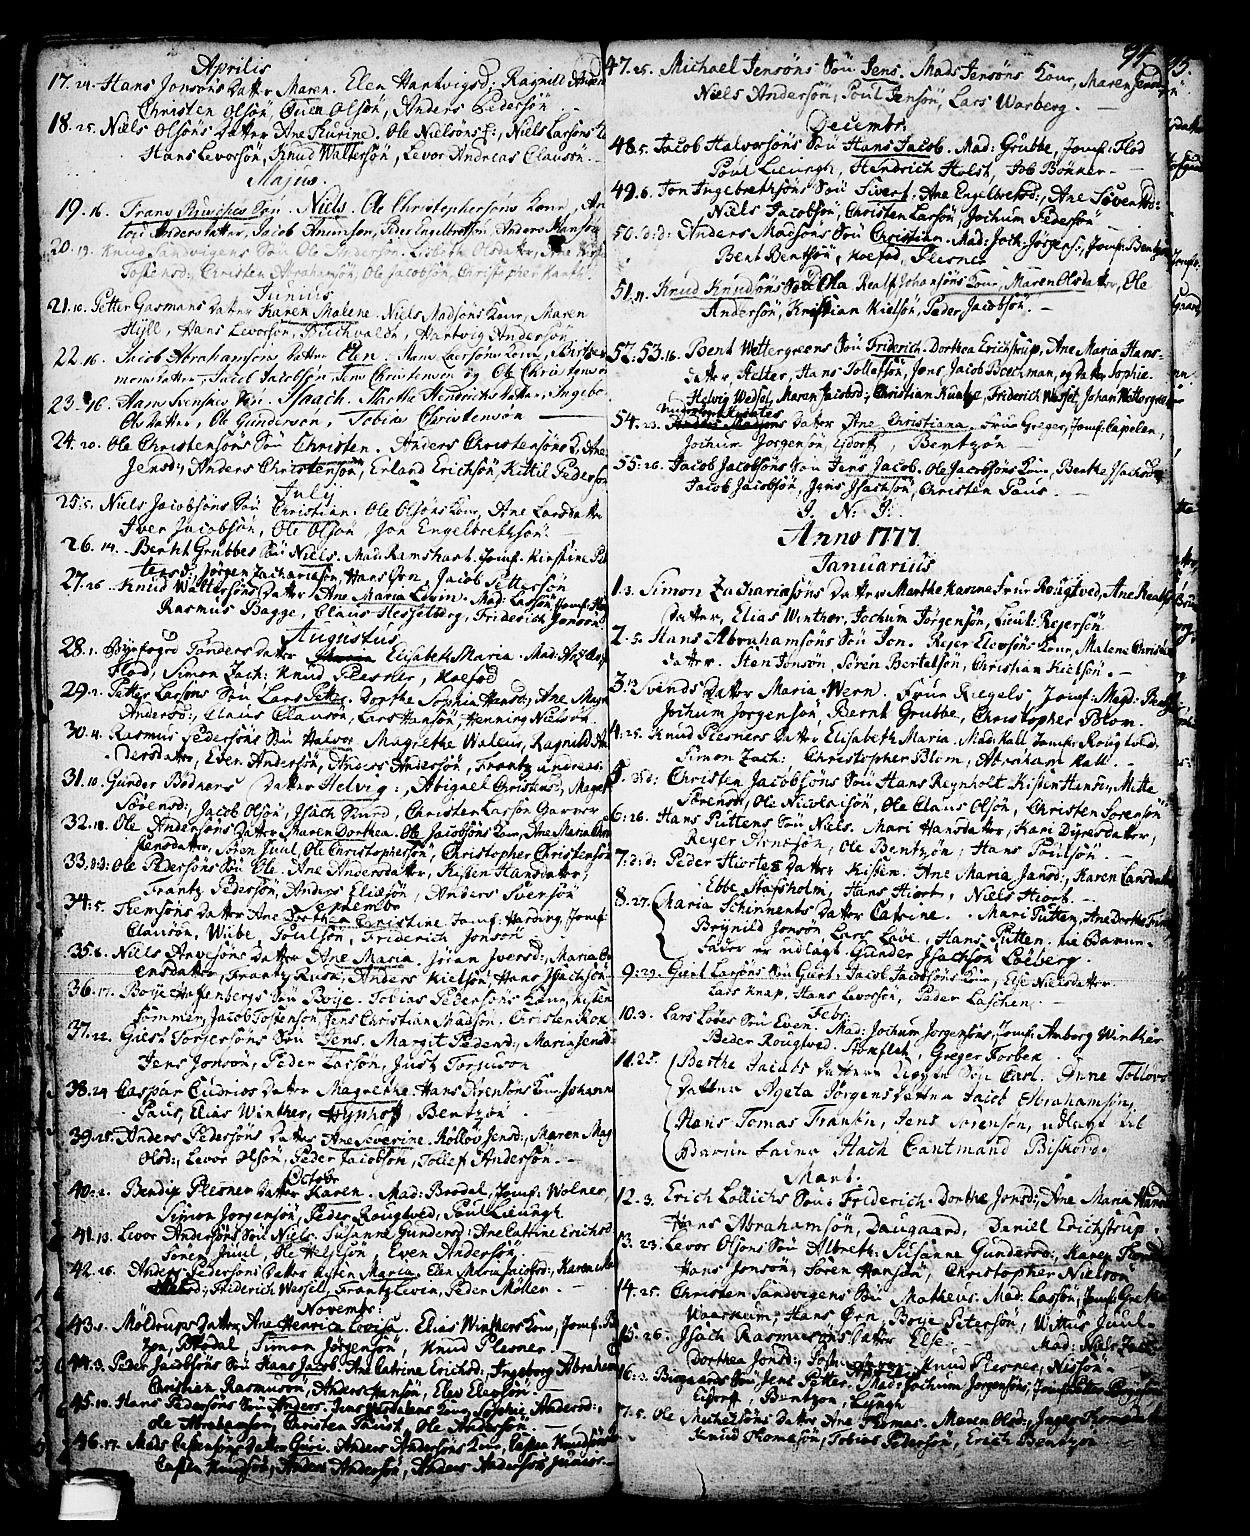 SAKO, Skien kirkebøker, G/Ga/L0001: Klokkerbok nr. 1, 1756-1791, s. 94